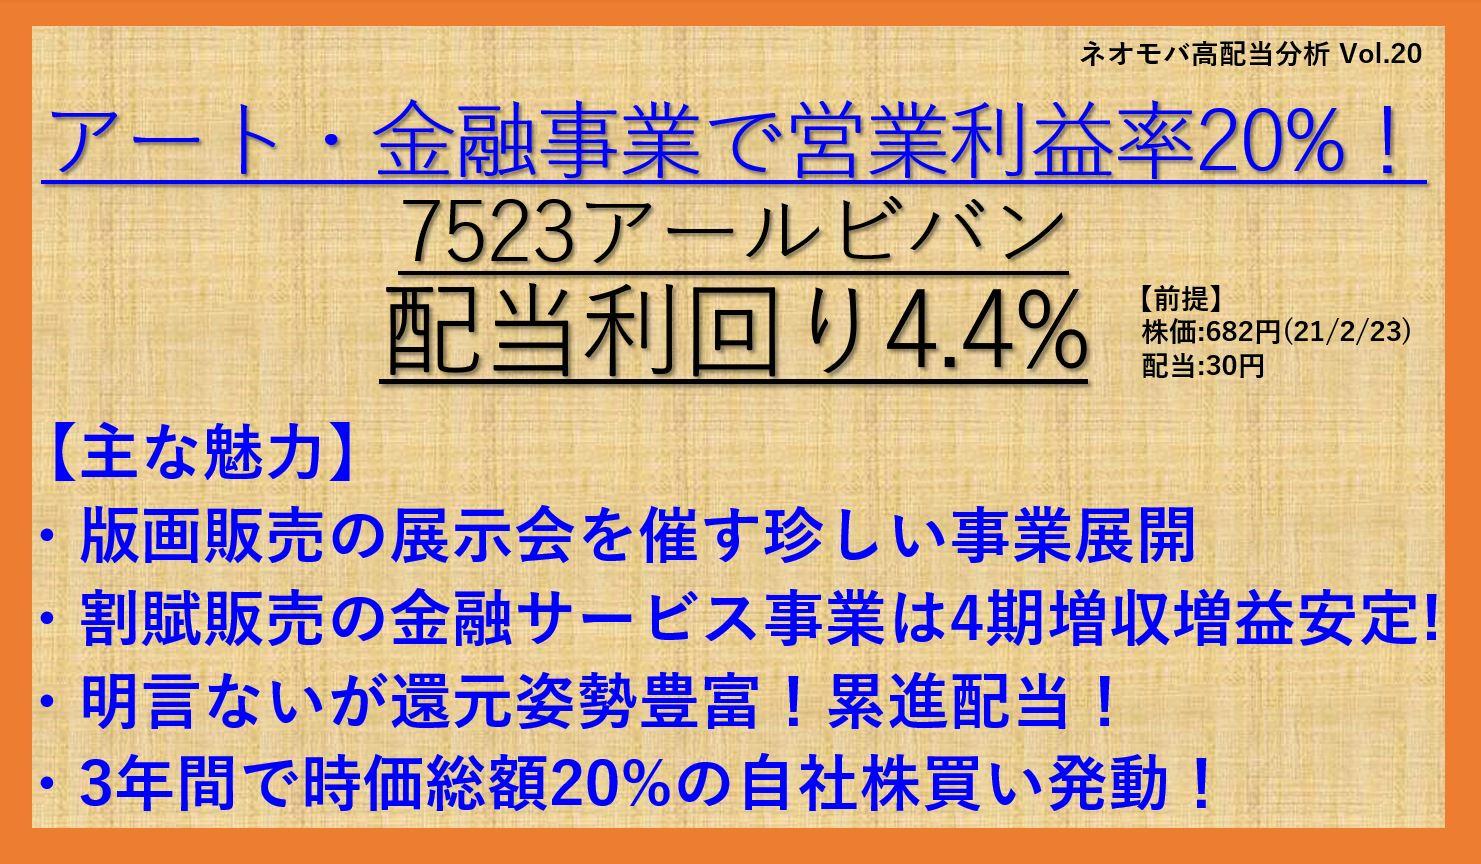 アールビバン-7523-ネオモバ高配当株分析